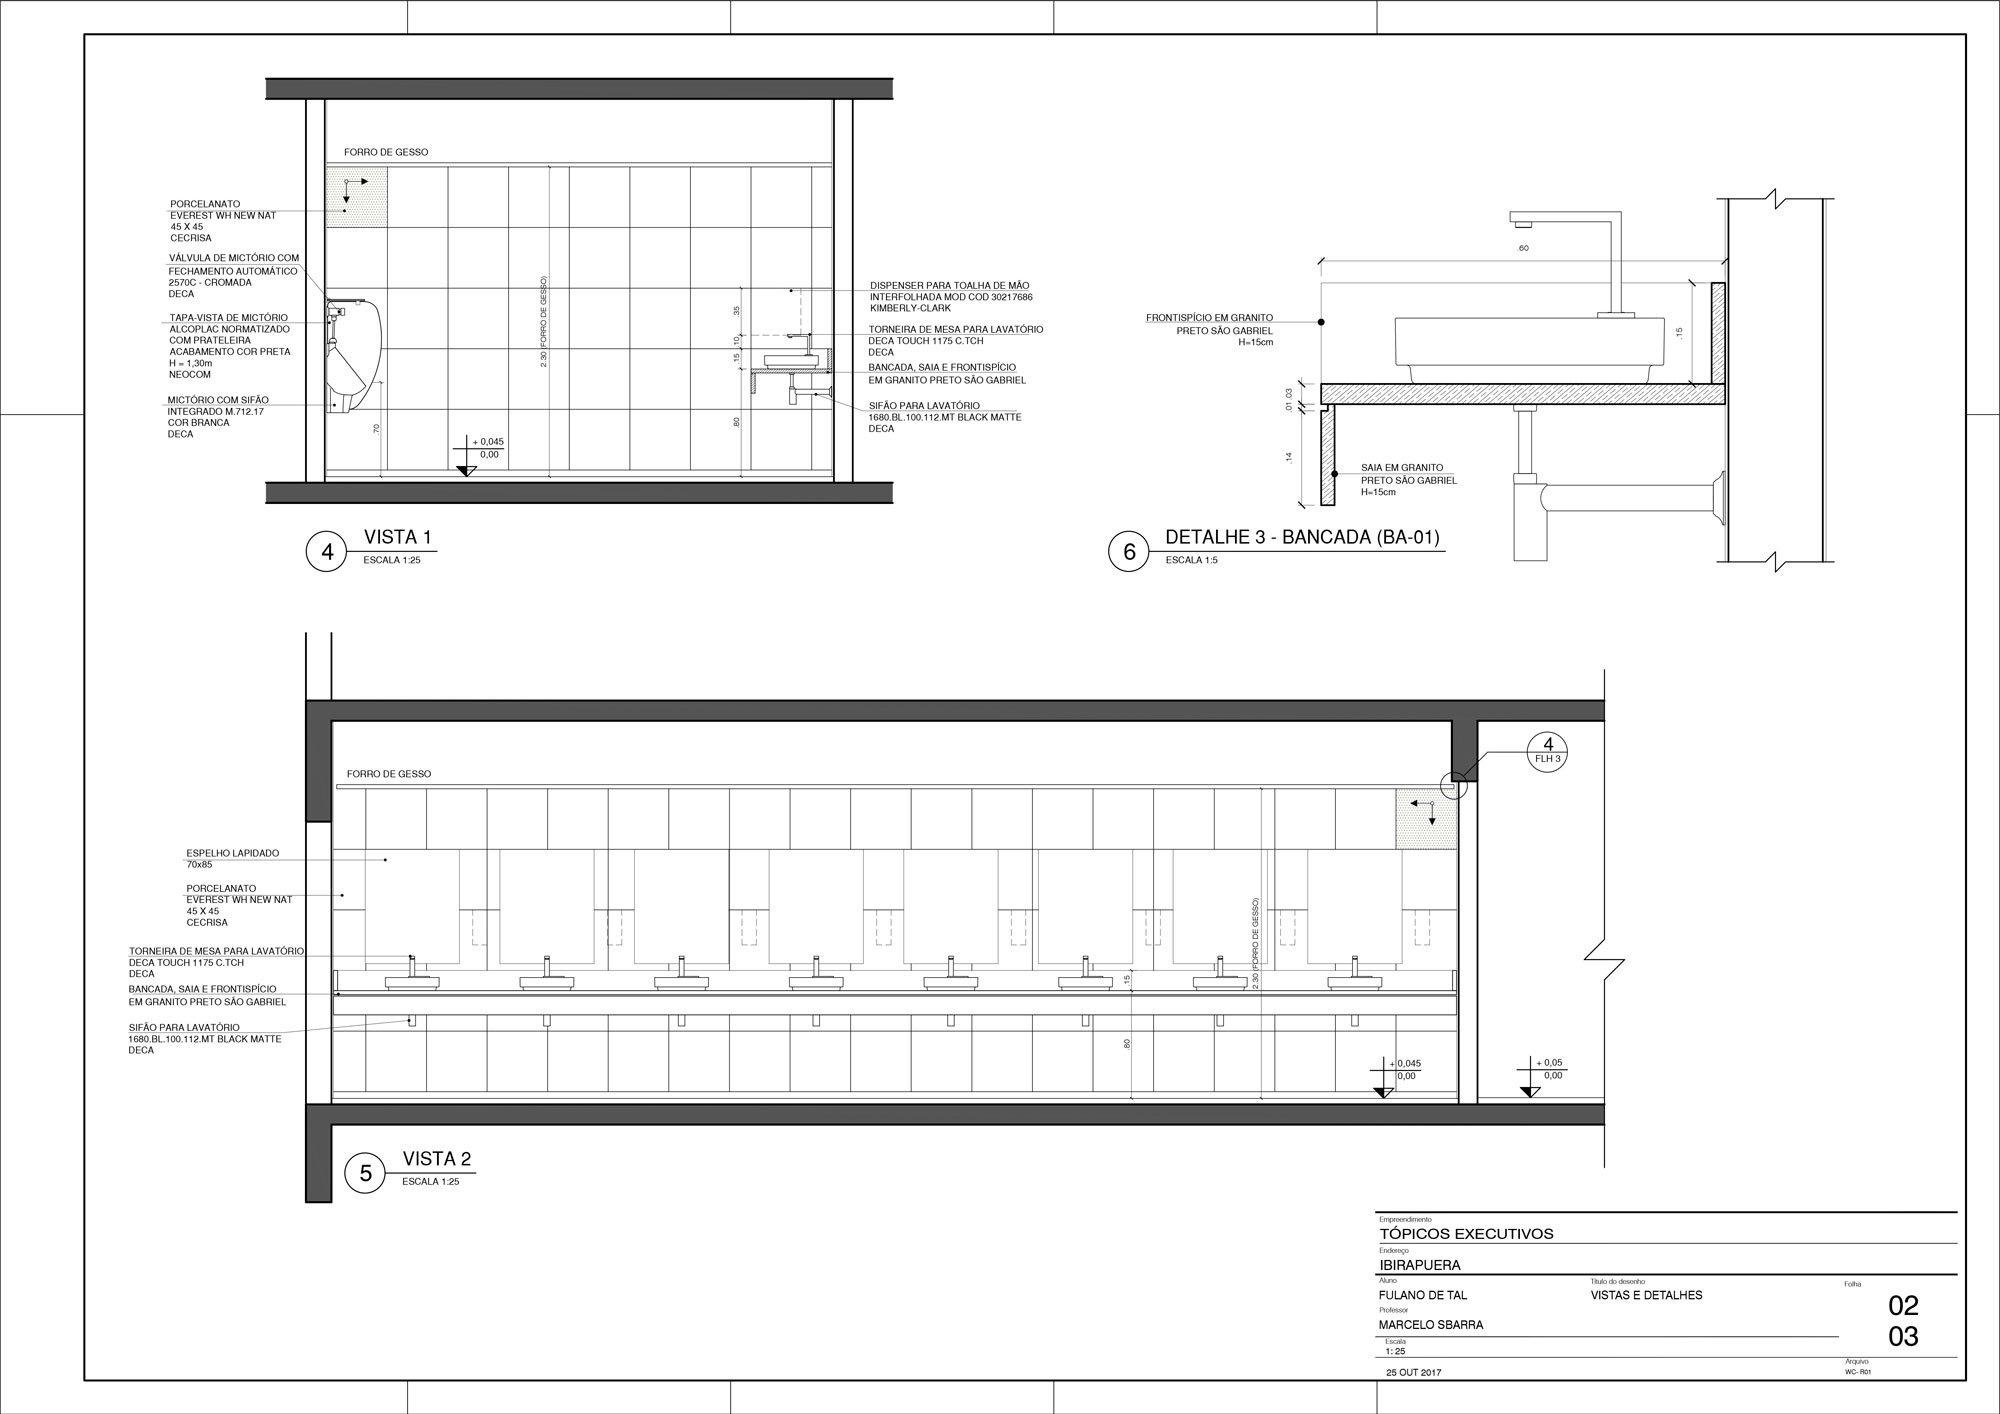 Planta WC - Detalhamento de Área Molhada - Vistas e Detalhes